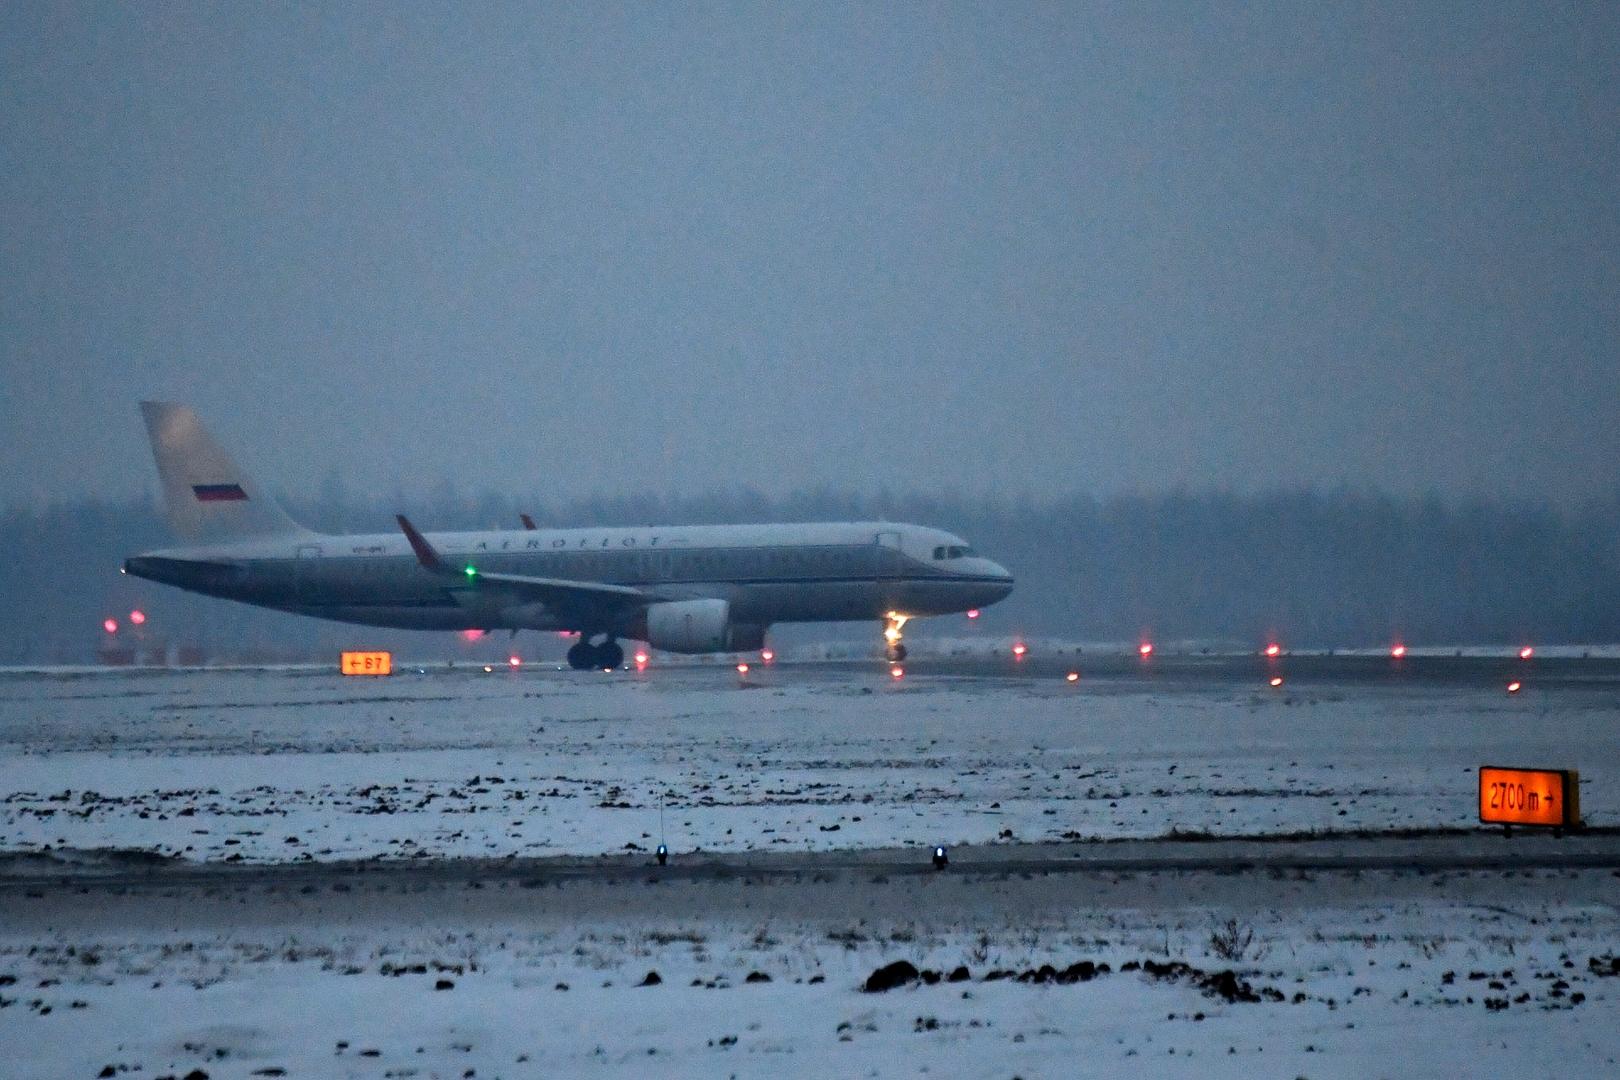 روسيا تستأنف الرحلات الجوية مع دولة عربية وتكثف الملاحة الجوية مع أخرى